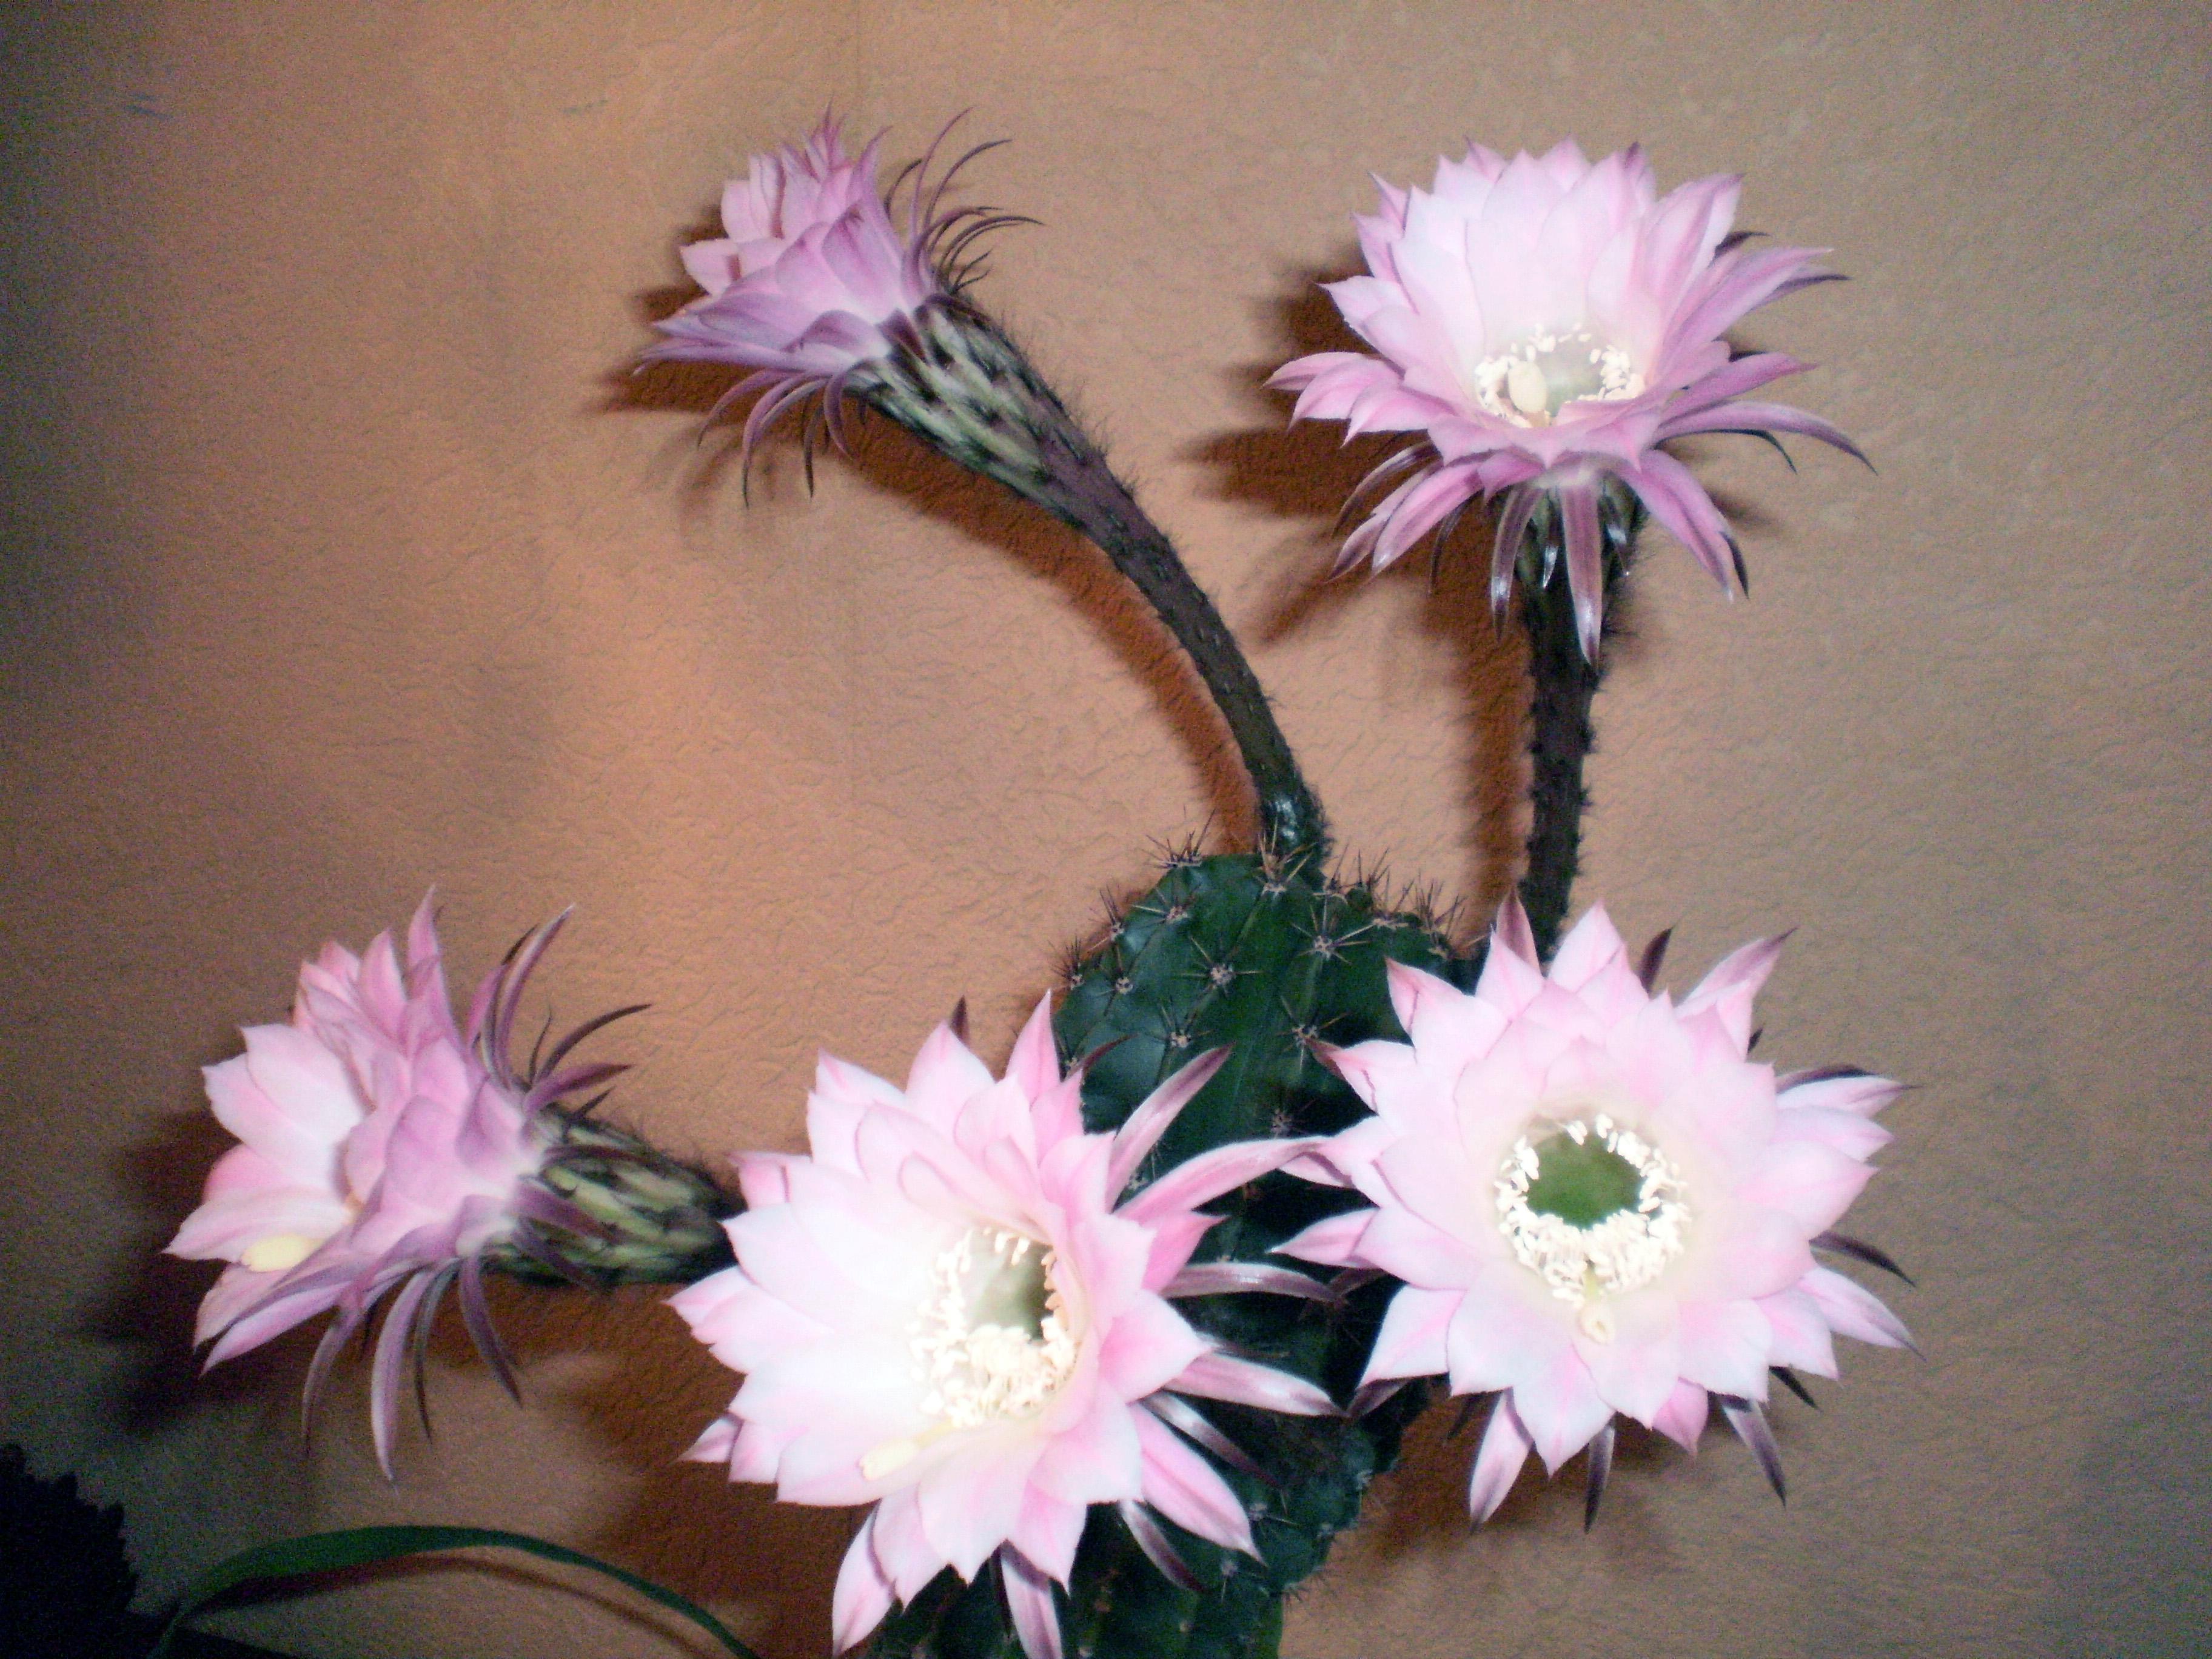 кактус вязанный крючком схема